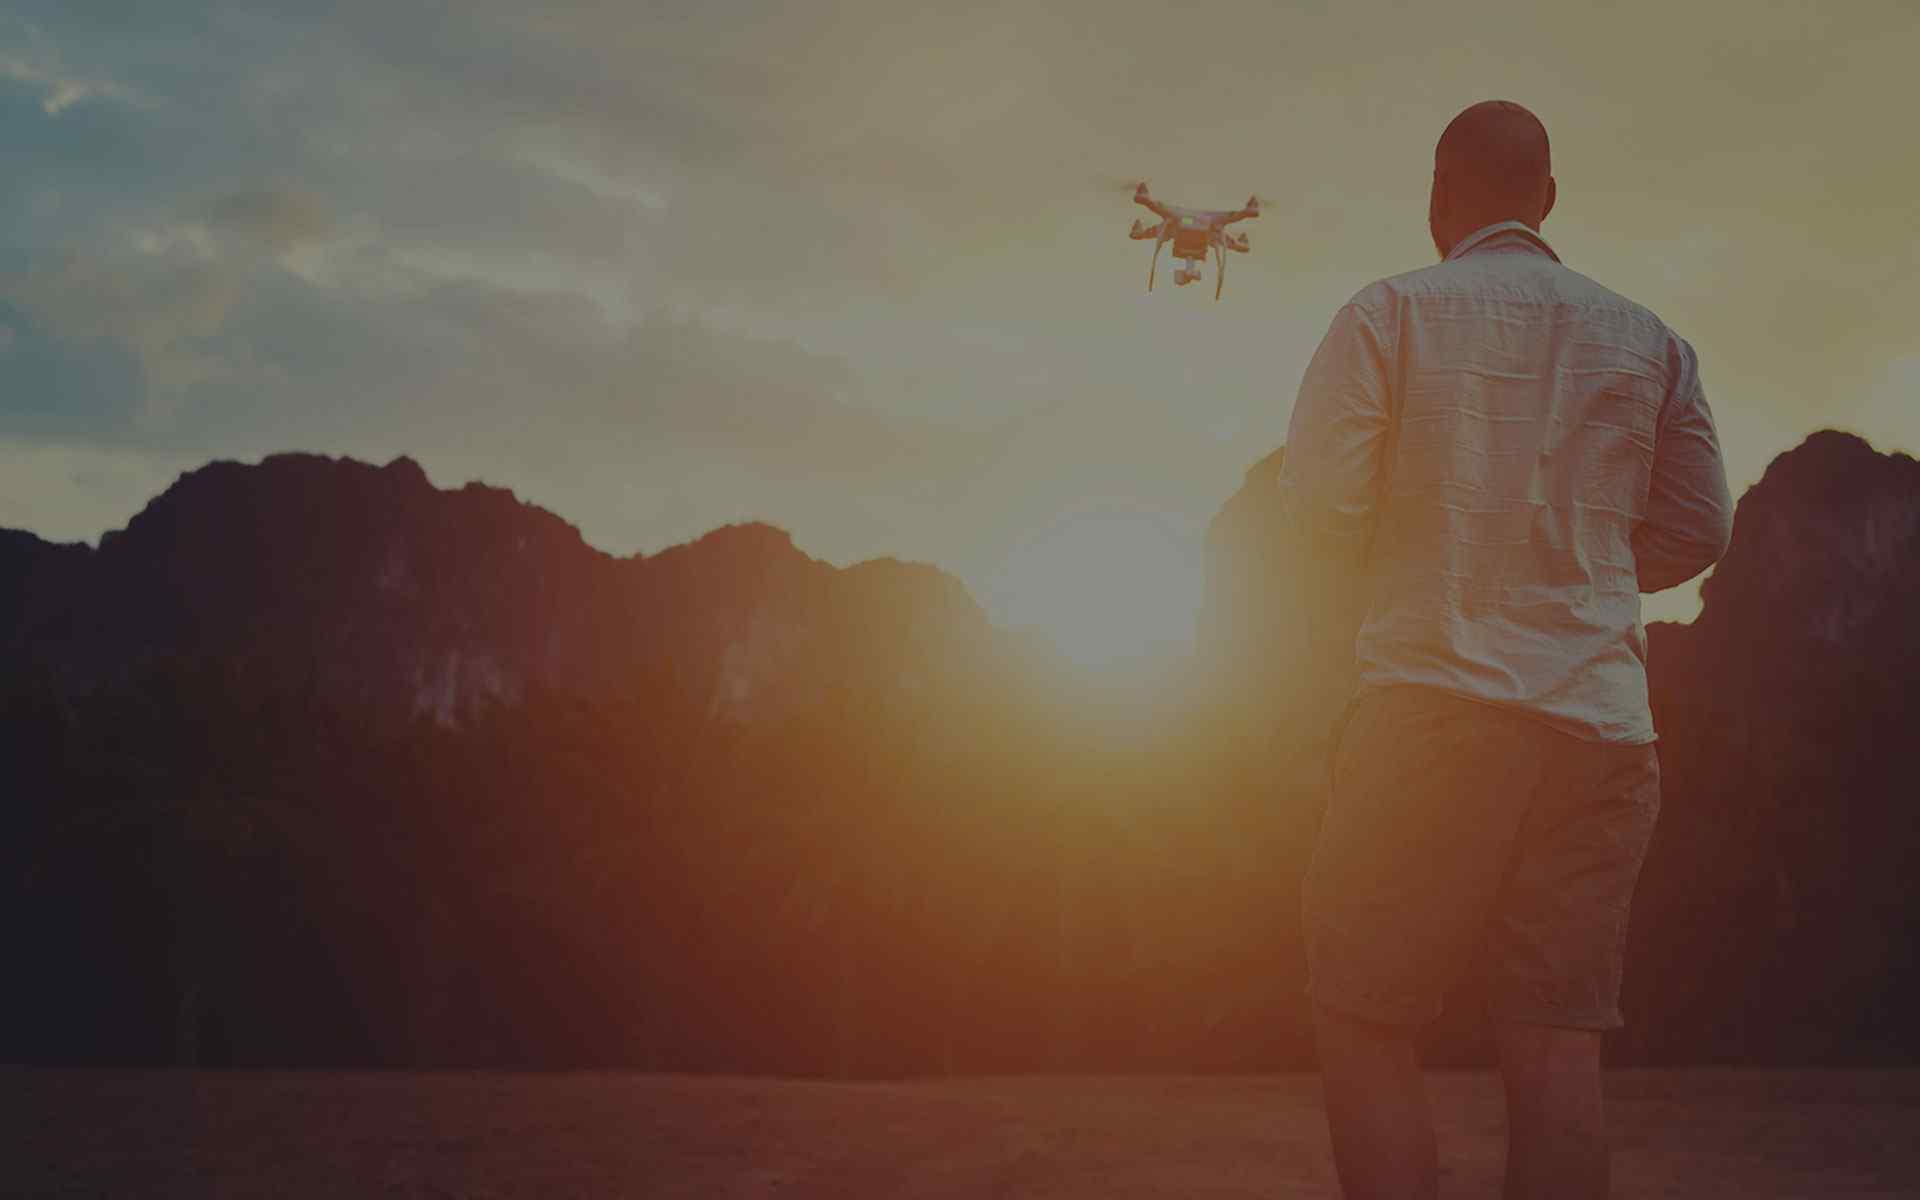 Snimanje dronom photo sky art